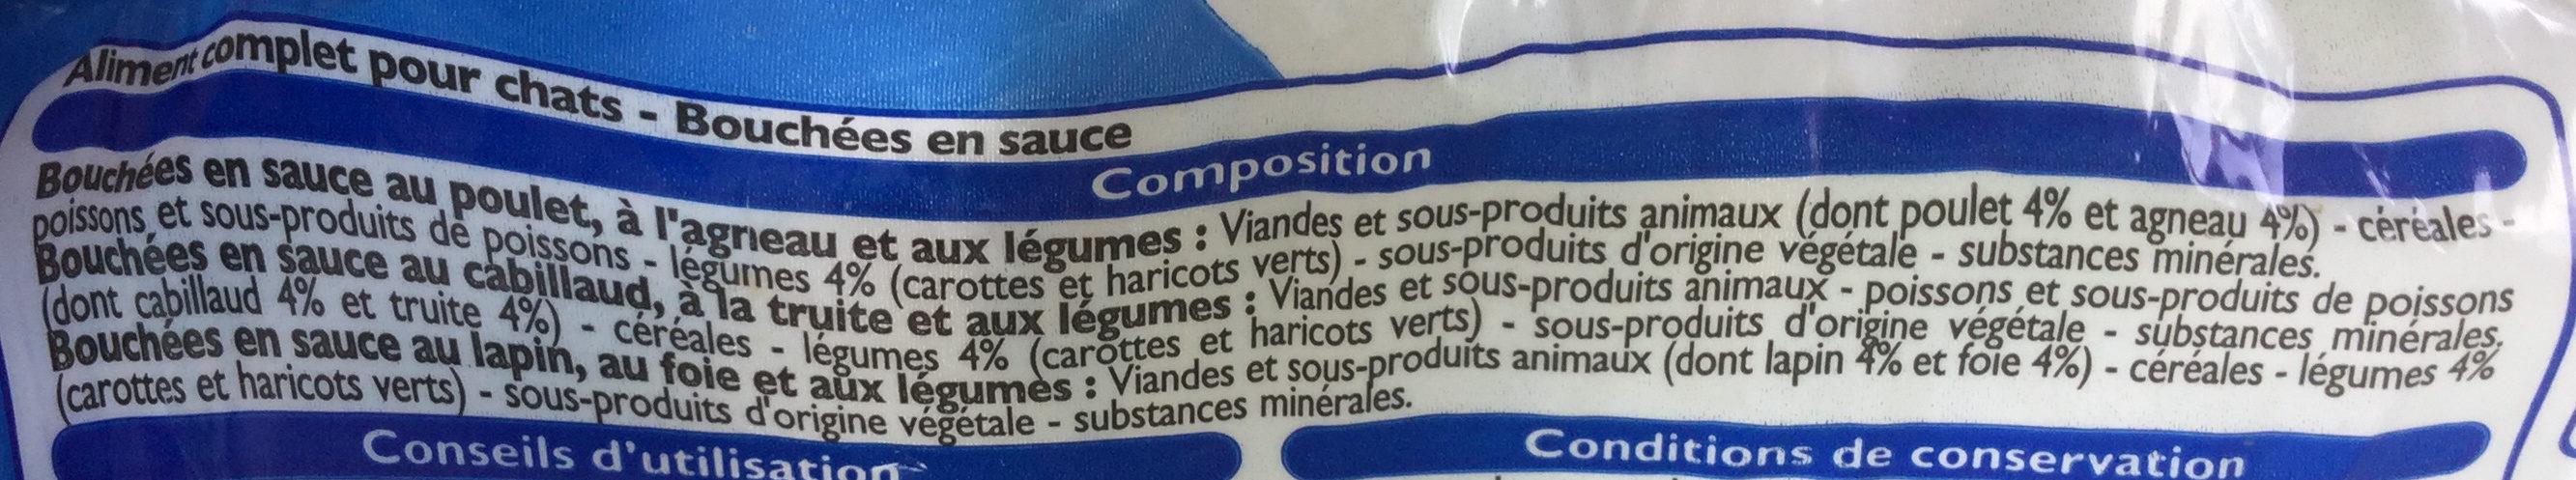 Bouchées aux légumes - Ingrédients